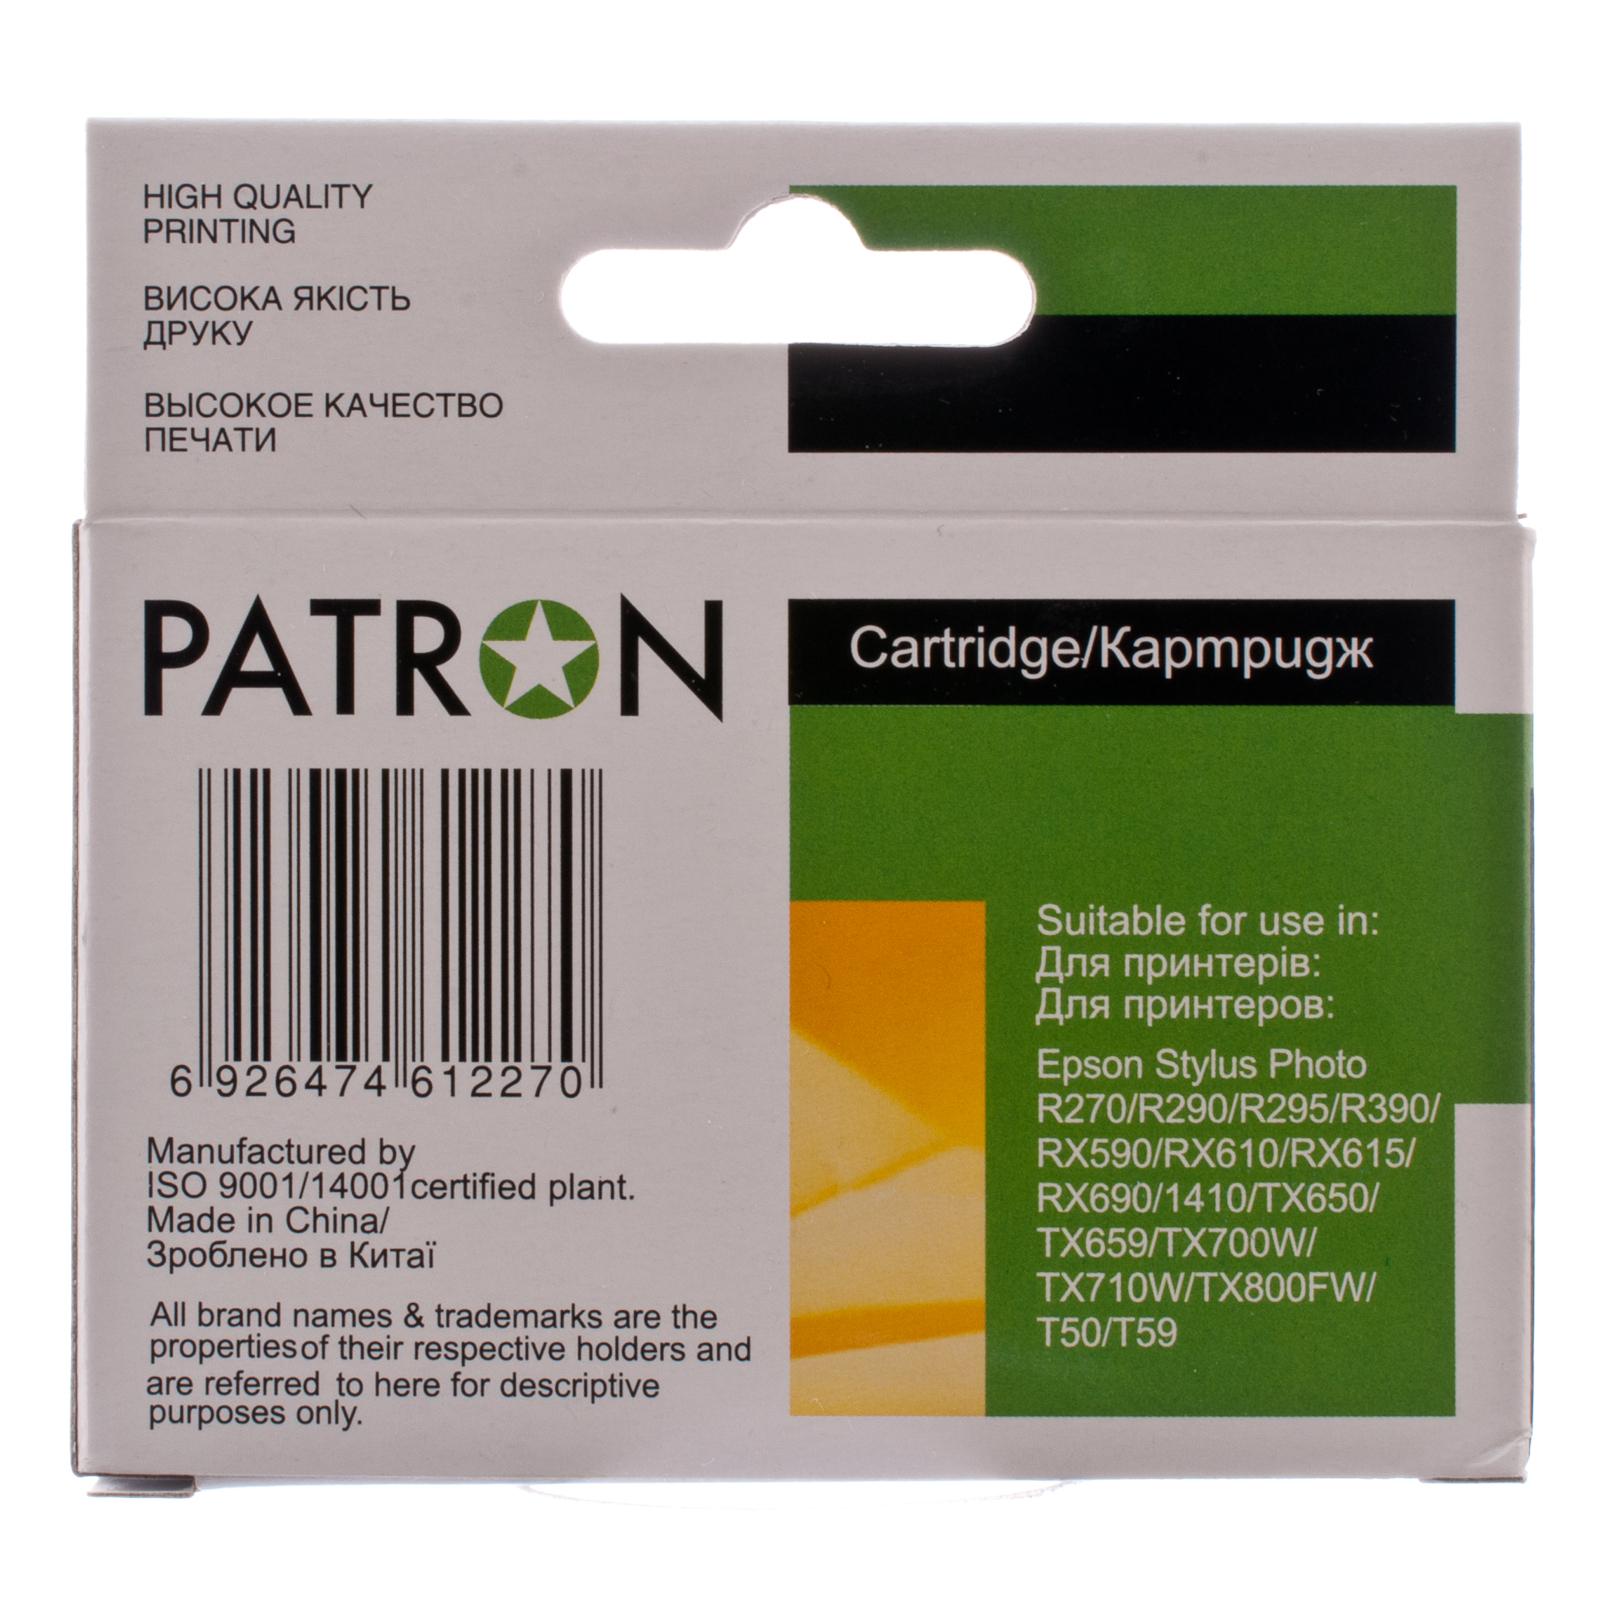 Картридж PATRON для EPSON R270/290/390/RX590 BLACK (PN-0821) (CI-EPS-T08114-B3-PN) изображение 4